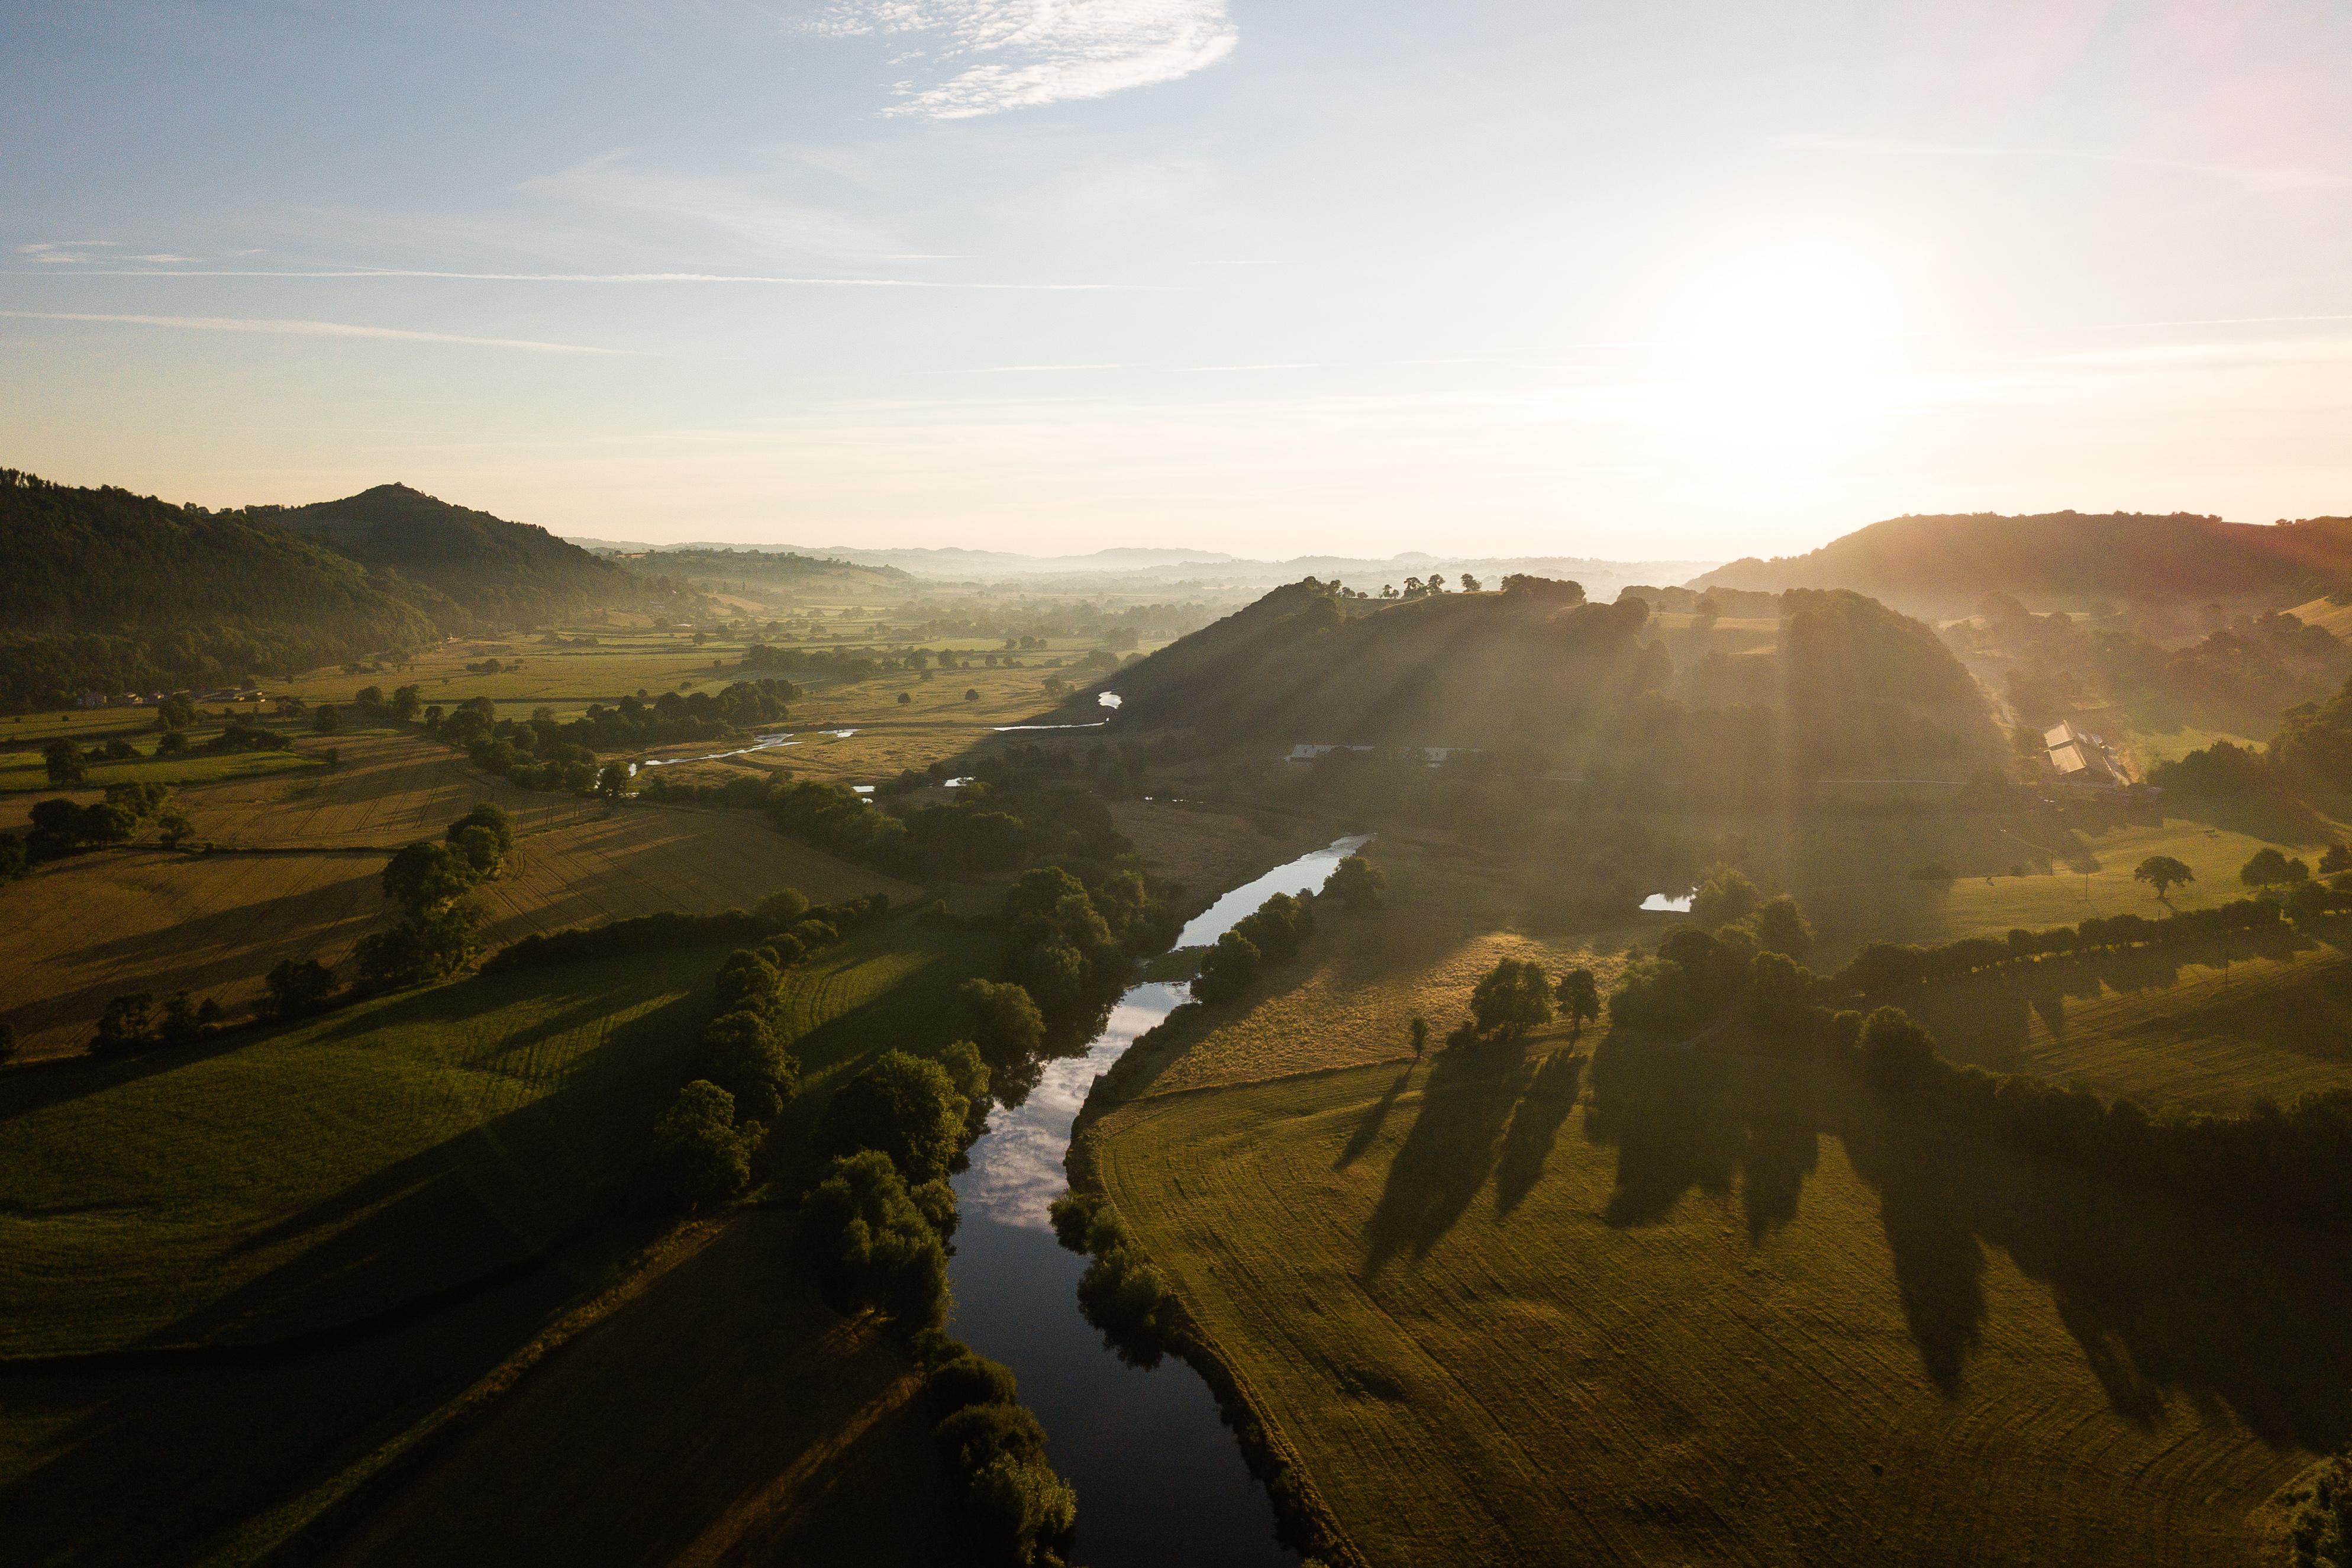 Meifod Valley